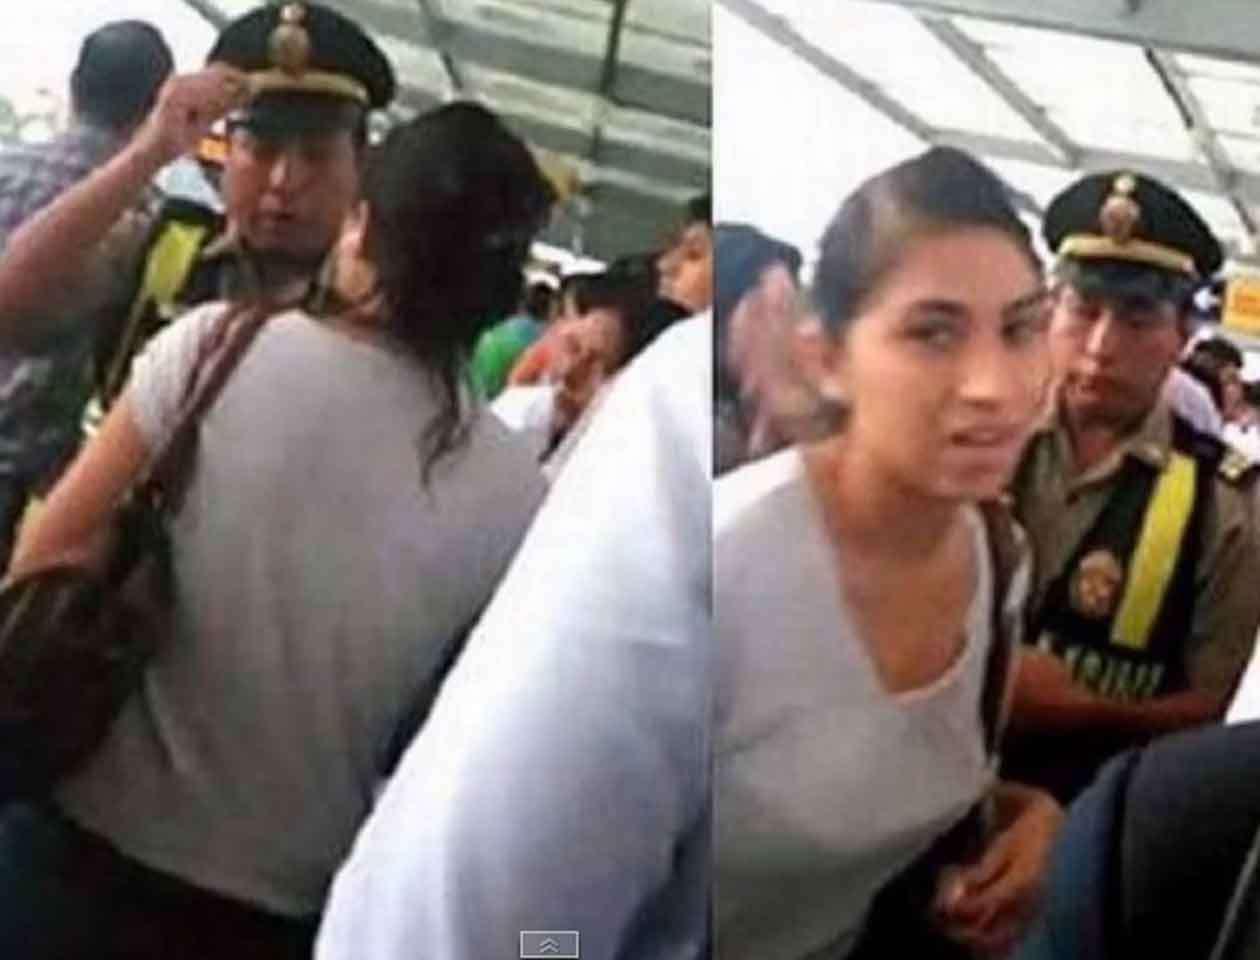 Un pasajero del Metropolitano grabó en video el momento del insulto y lo difundió en redes sociales. Foto: Imagen tomada de YouTube